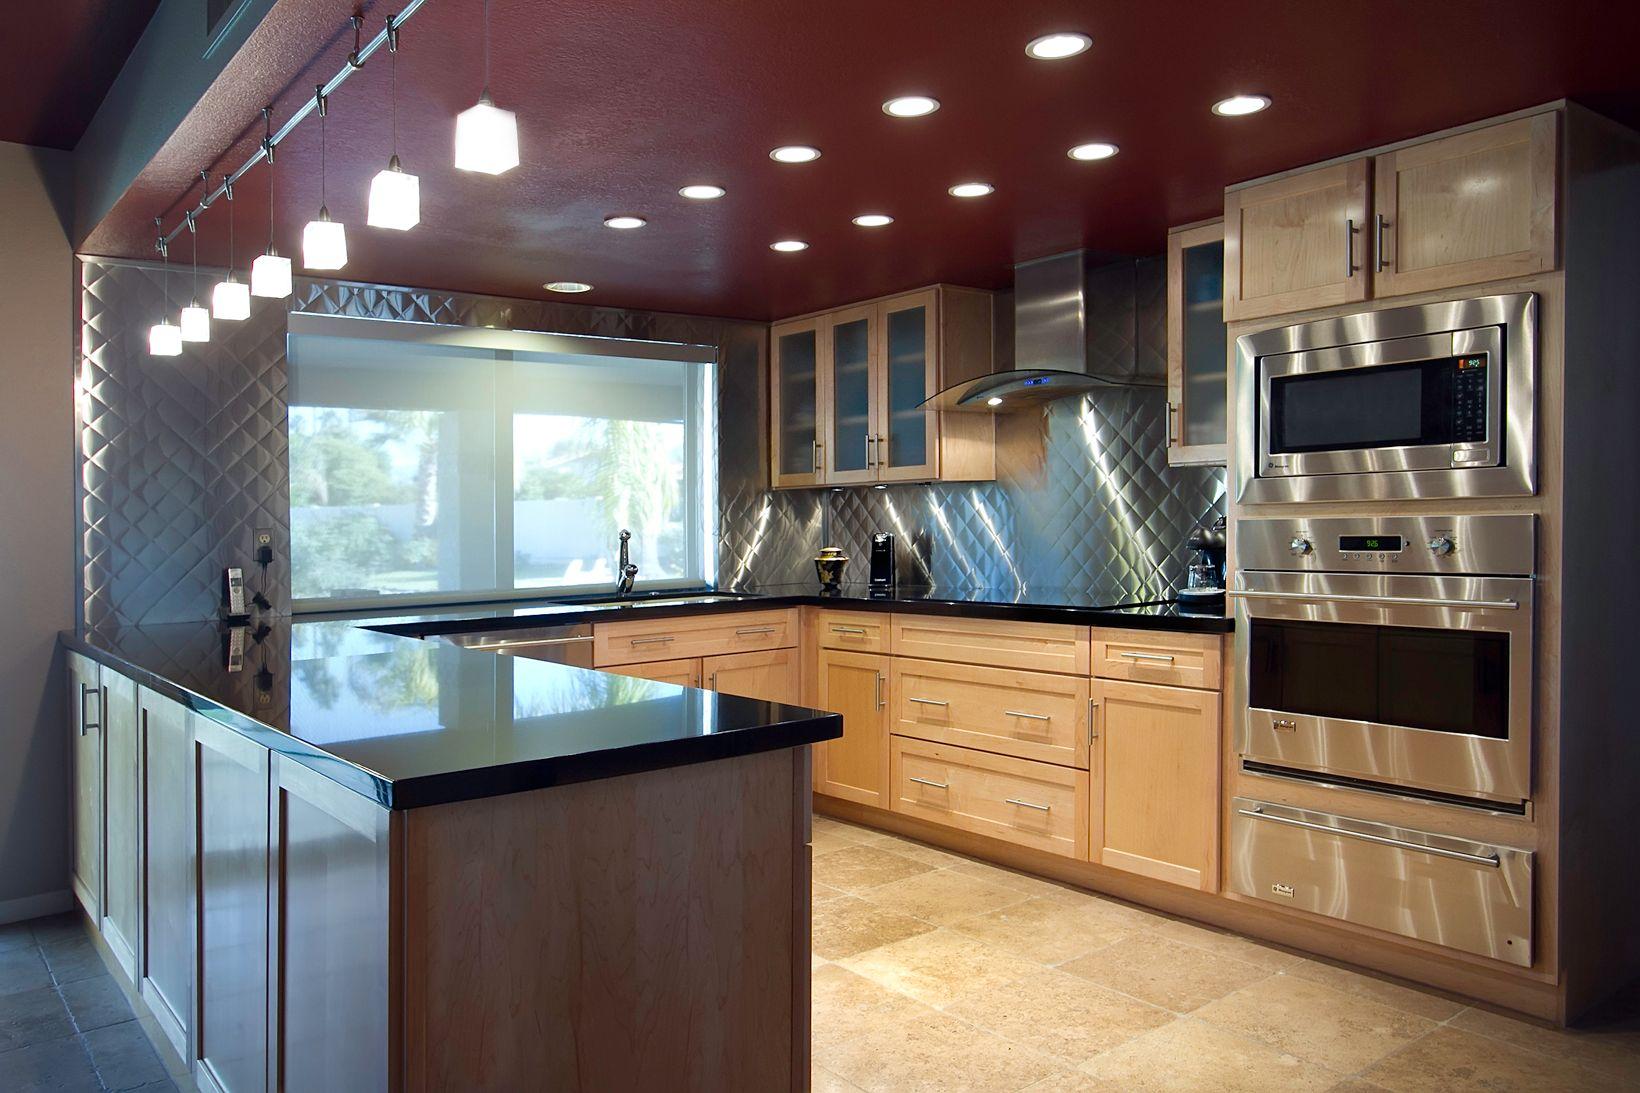 Affordable Kitchen Remodeling In NJ - Edison, Woodbridge, Rahway ...